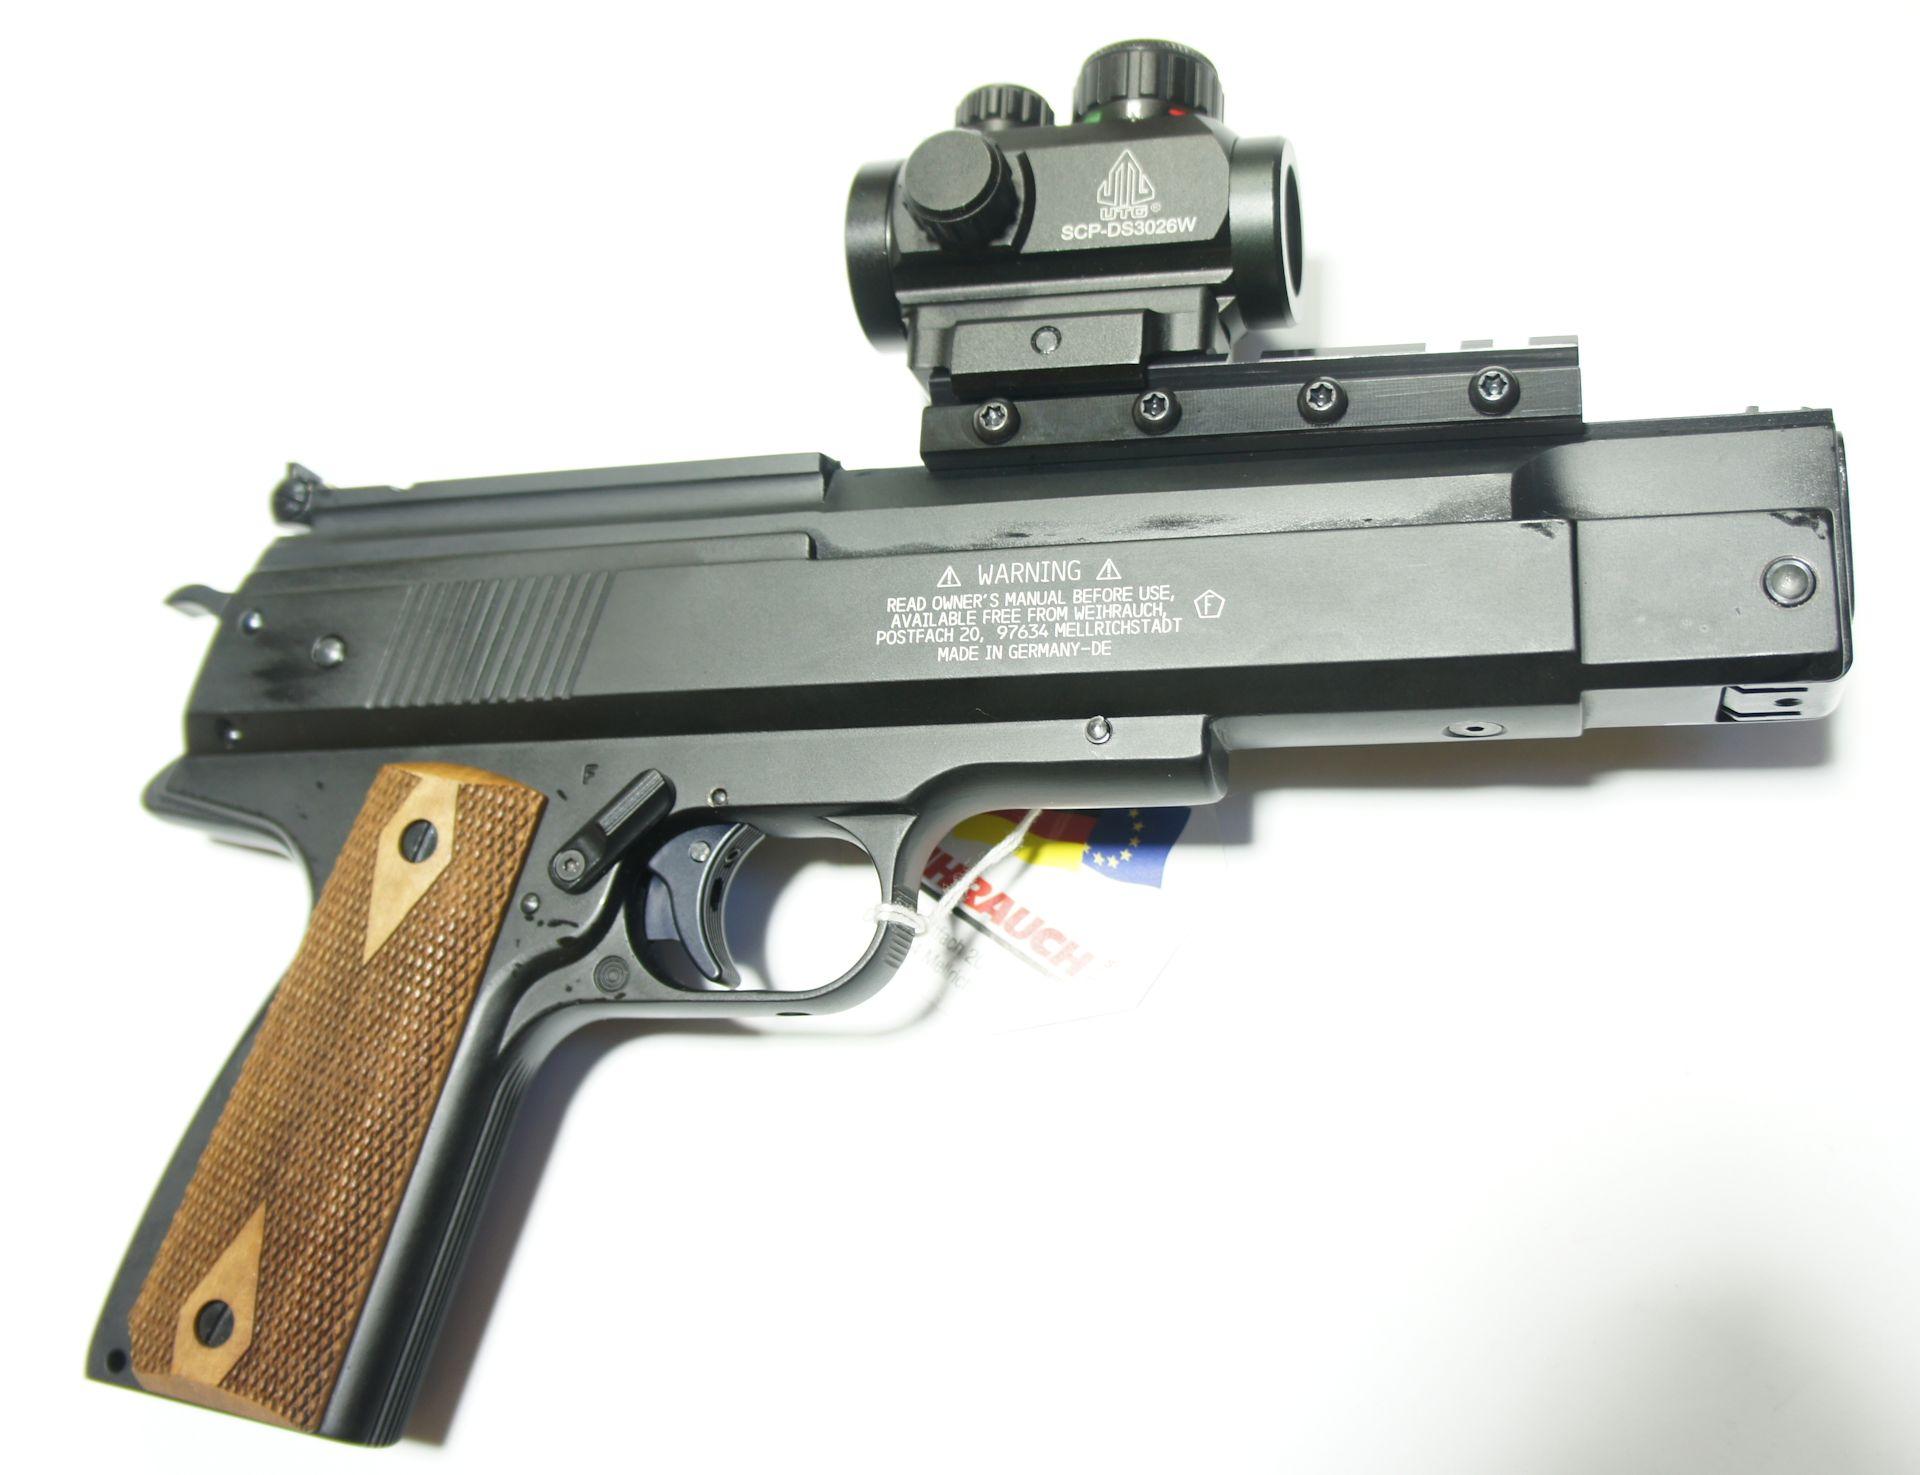 Die Adapterschiene ist mit M4 TORX- Schrauben ausgestattet